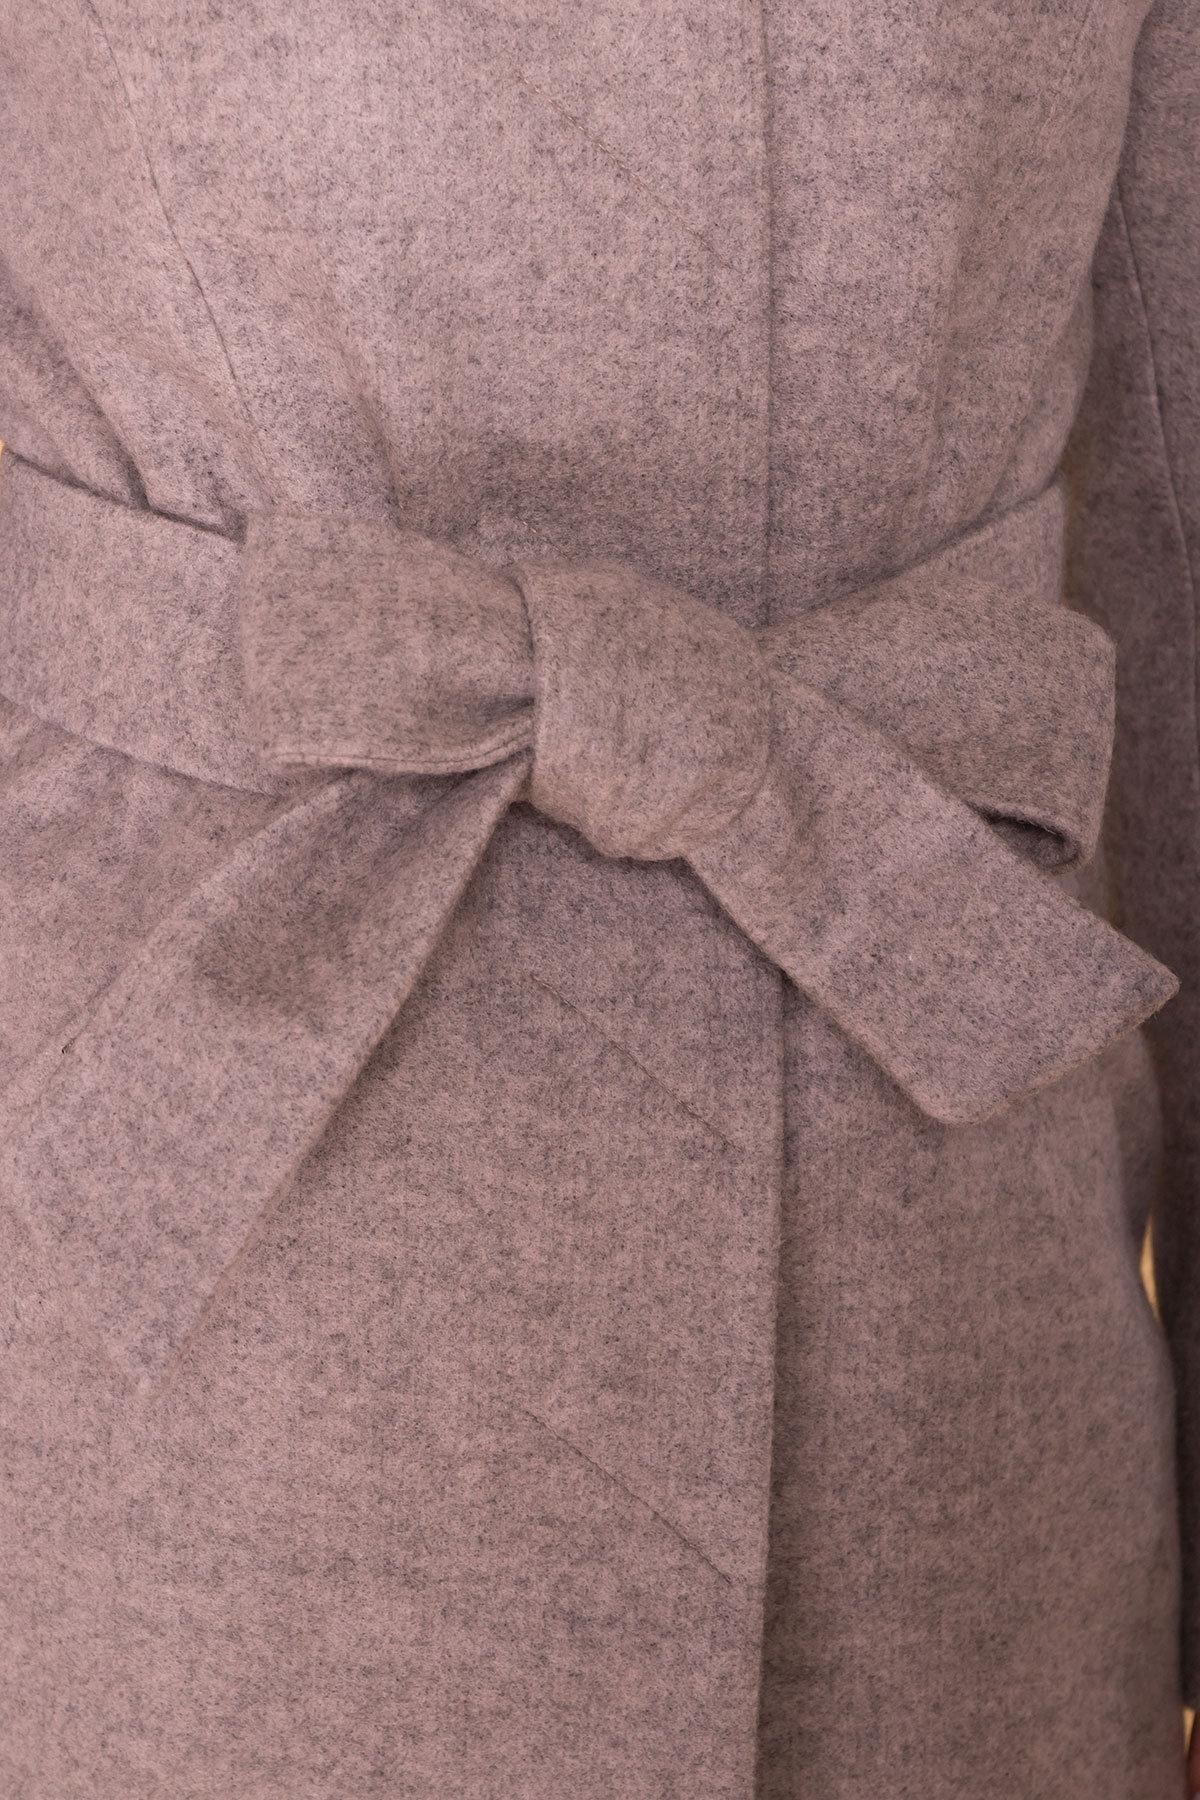 Пальто Сплит 4374 АРТ. 37658 Цвет: Бежевый 31 - фото 5, интернет магазин tm-modus.ru